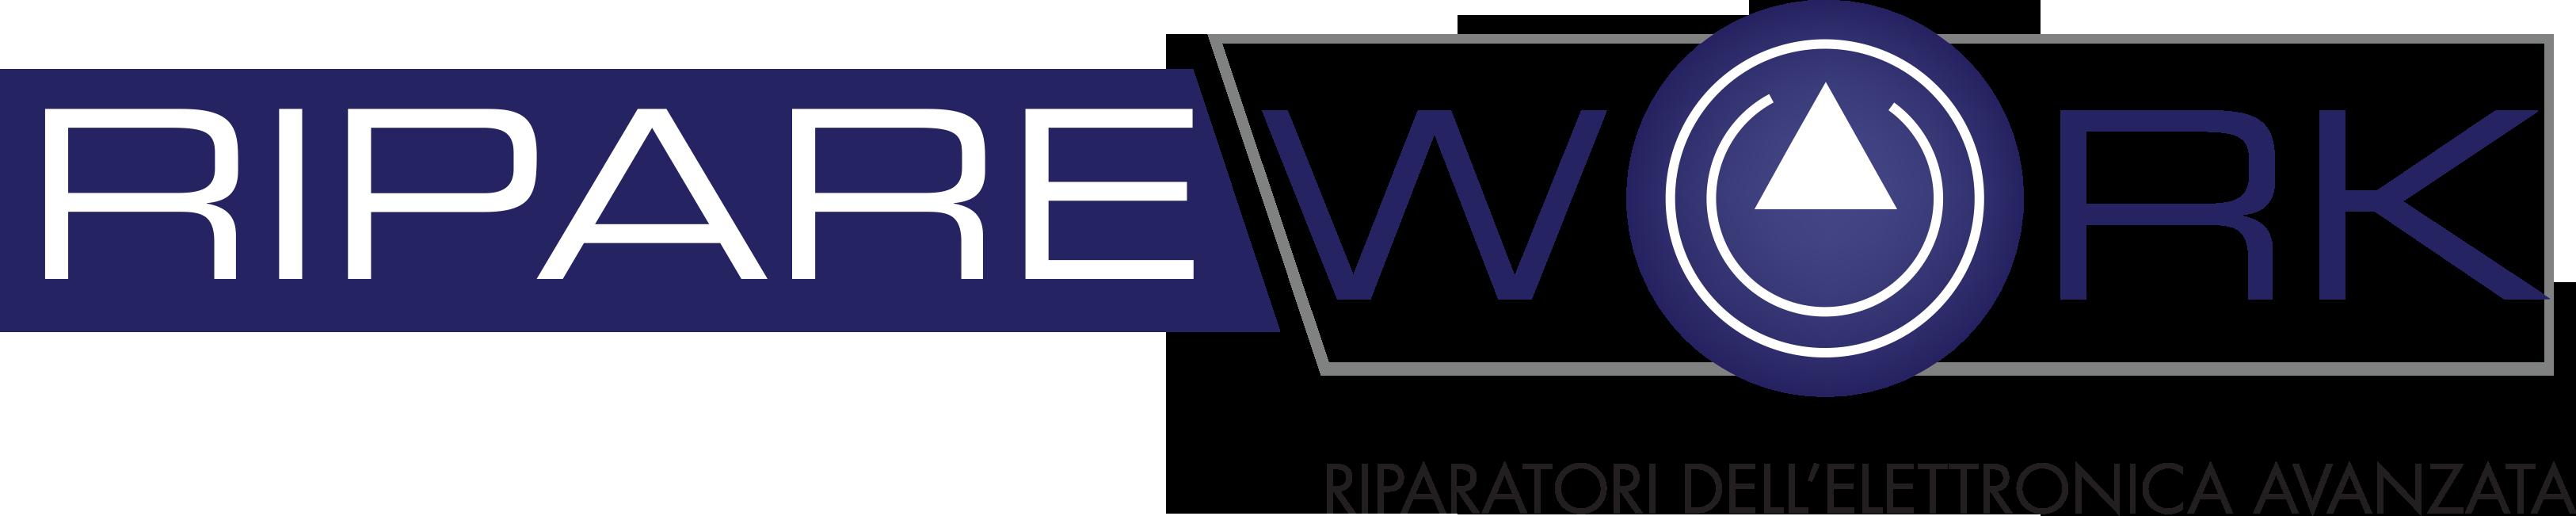 Riparework